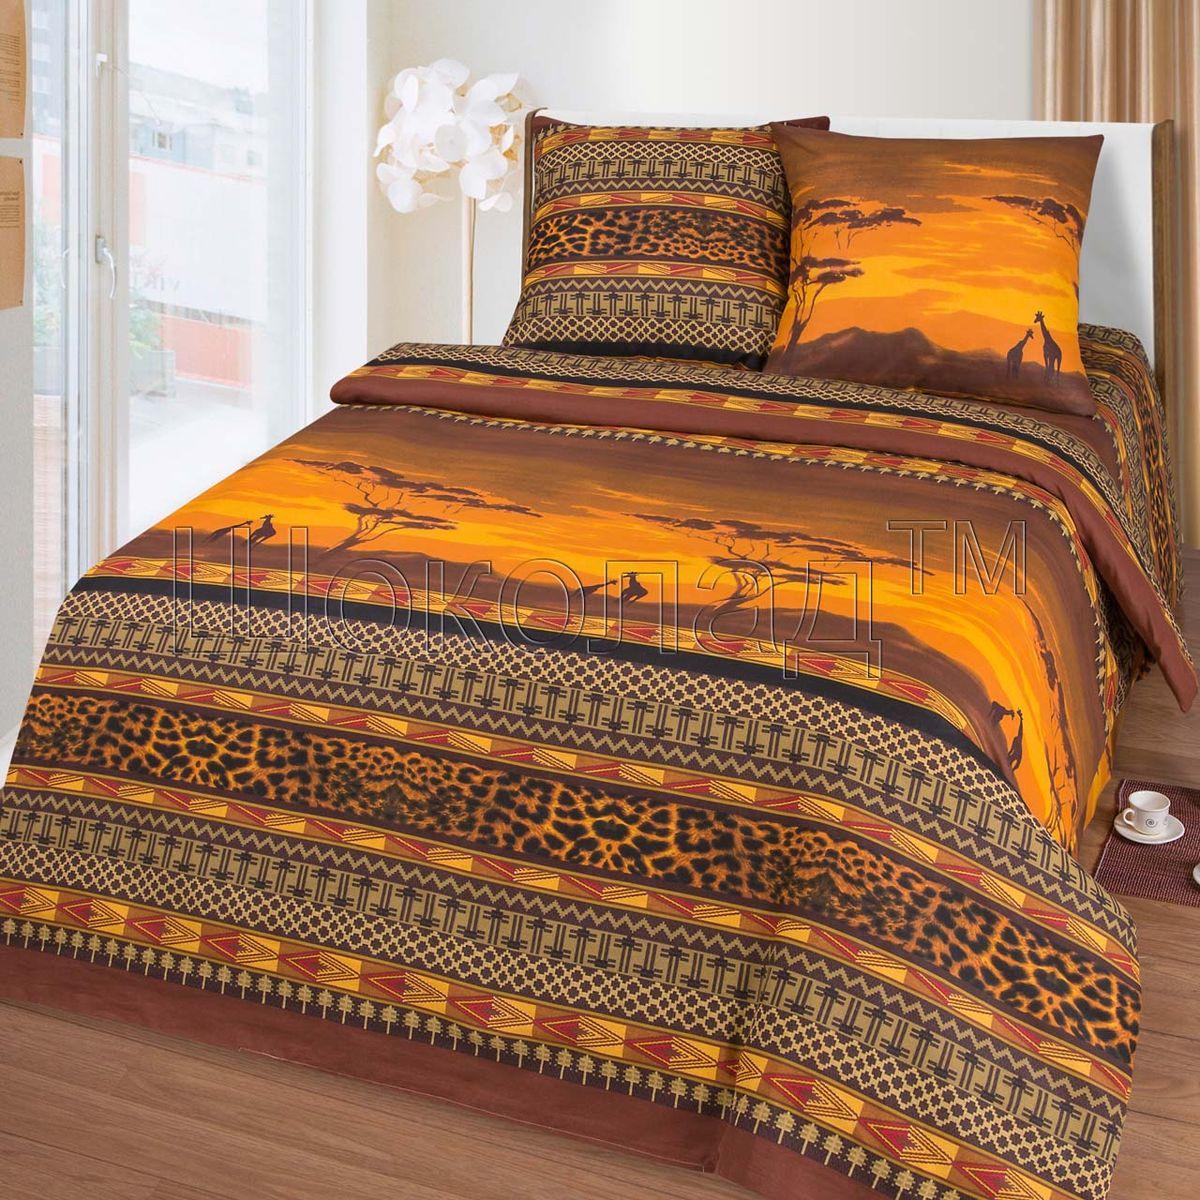 Комплект белья Шоколад Кения, 2-спальный, наволочки 70x70. Б104Б104Комплект постельного белья Шоколад Кения является экологически безопасным для всей семьи, так как выполнен из натурального хлопка. Комплект состоит из пододеяльника, простыни и двух наволочек. Постельное белье оформлено оригинальным рисунком и имеет изысканный внешний вид.Бязь - это ткань полотняного переплетения, изготовленная из экологически чистого и натурального 100% хлопка. Она прочная, мягкая, обладает низкой сминаемостью, легко стирается и хорошо гладится. Бязь прекрасно пропускает воздух и за ней легко ухаживать. При соблюдении рекомендуемых условий стирки, сушки и глажения ткань имеет усадку по ГОСТу, сохранятся яркость текстильных рисунков. Приобретая комплект постельного белья Шоколад  Кения вы можете быть уверены в том, что покупка доставит вам и вашим близким удовольствие и подарит максимальный комфорт.